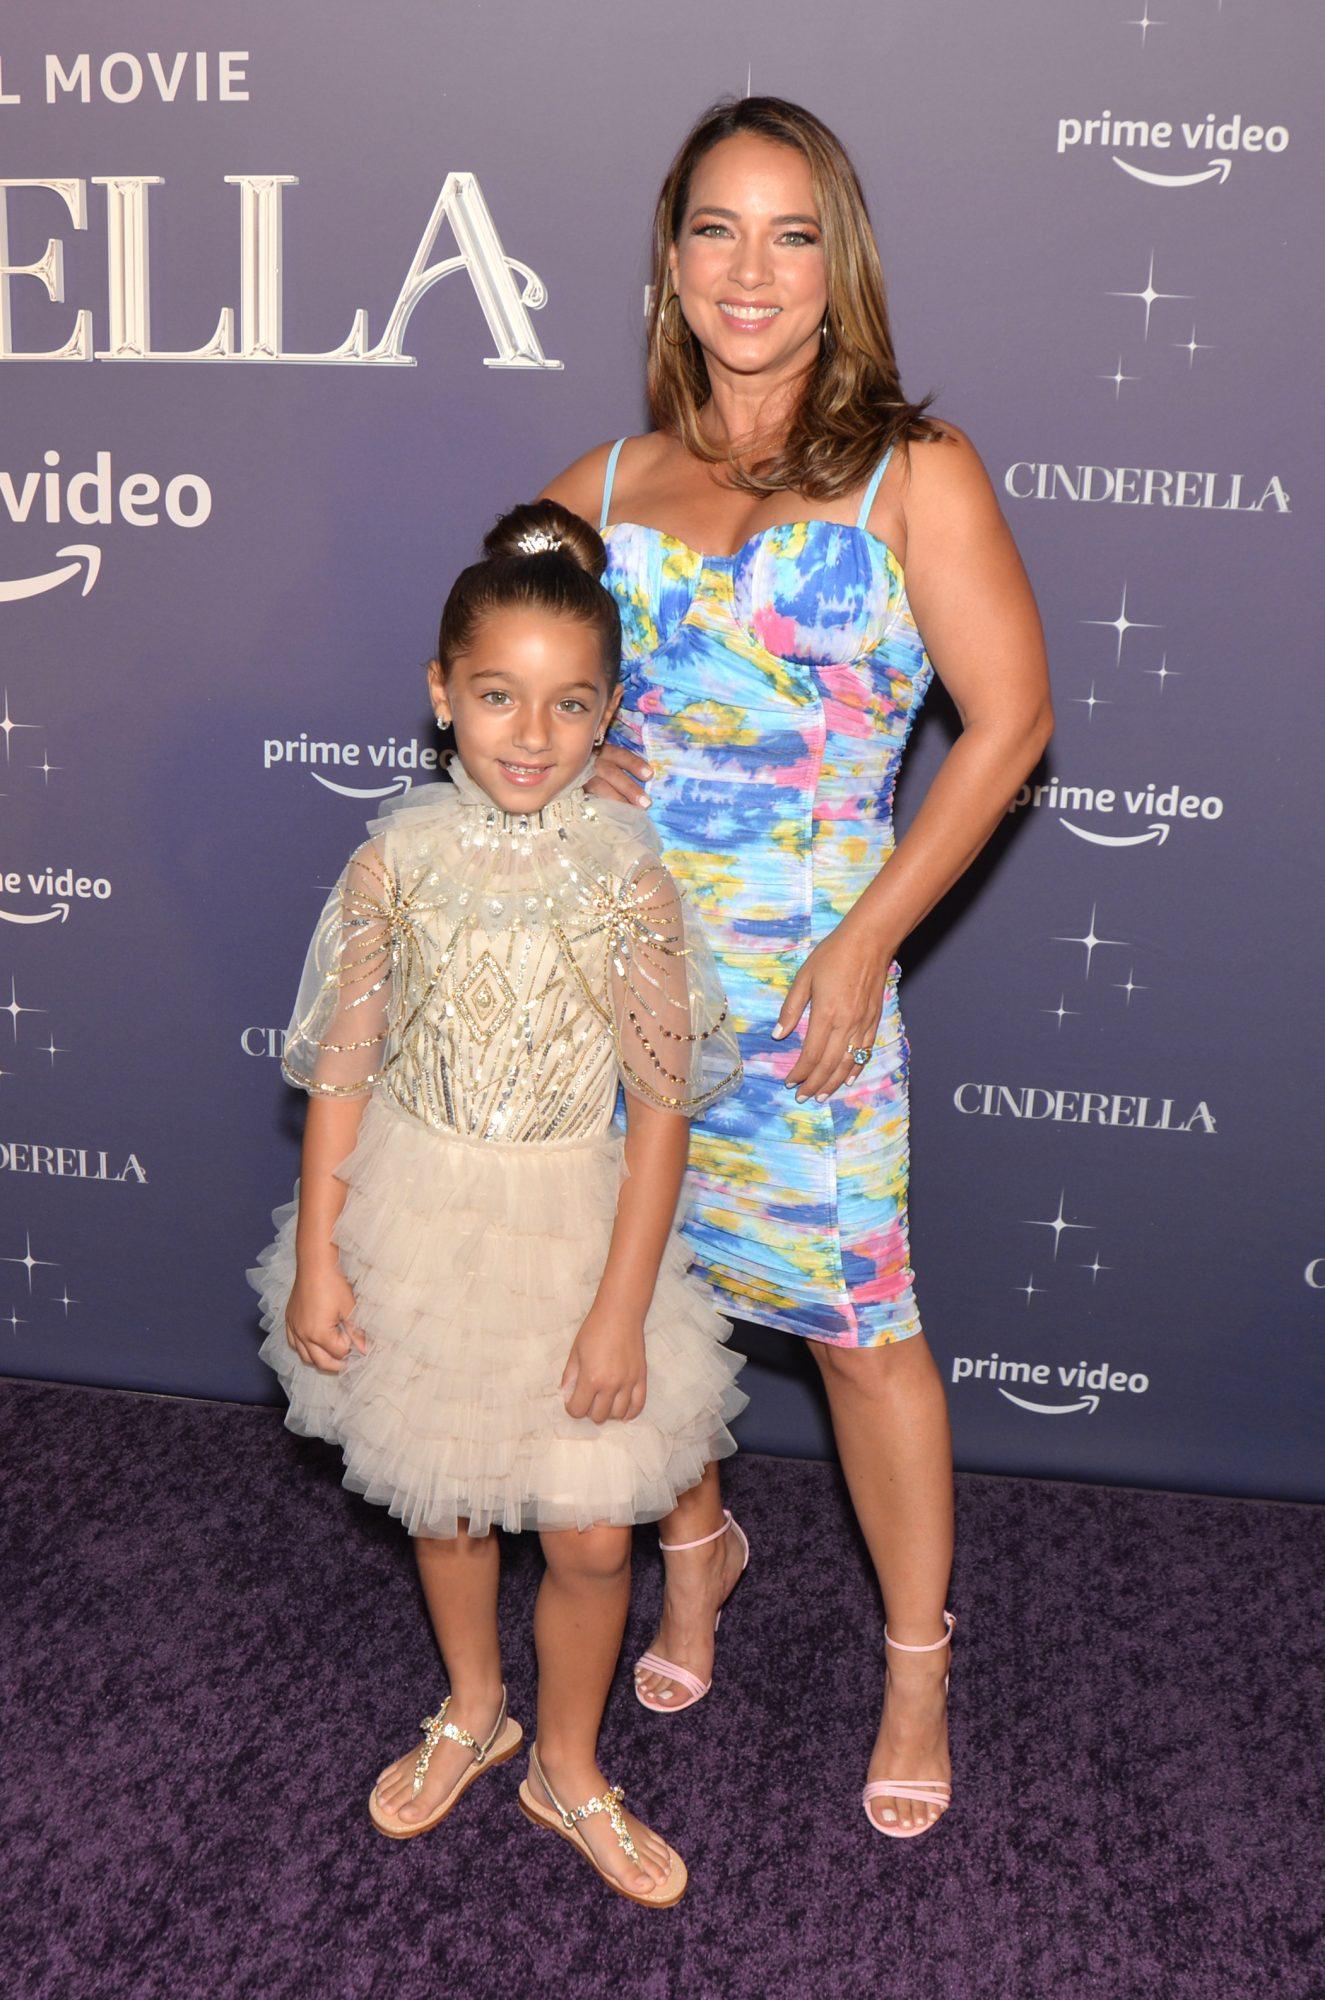 Adamari Lopez Alaia Costa premiere Cinderella en Miami